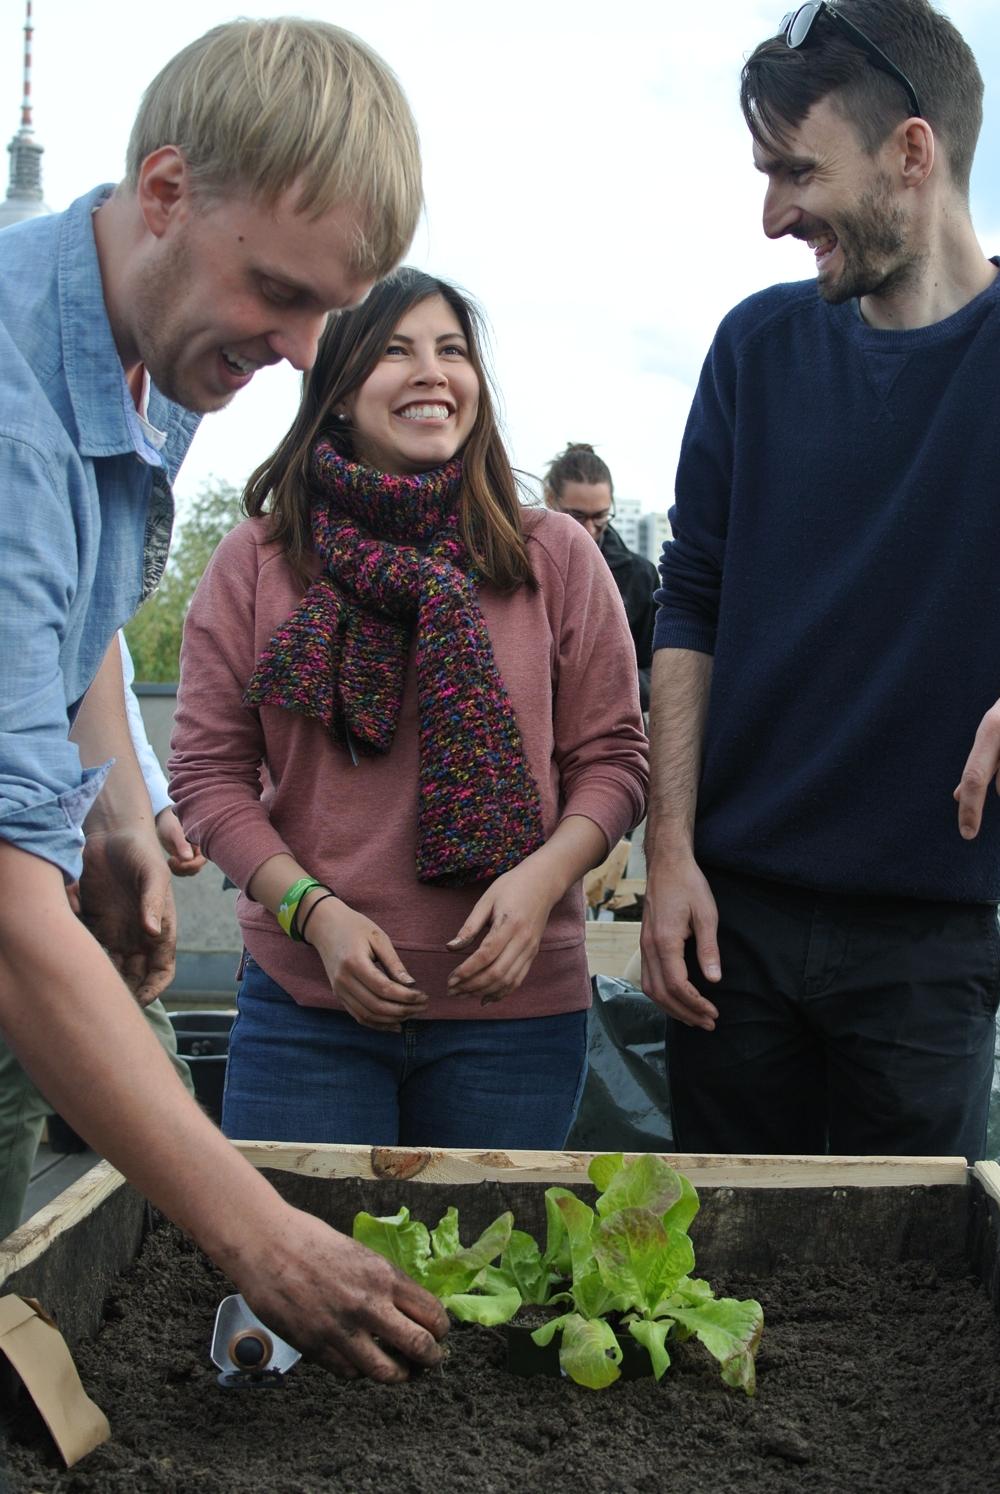 Gemeinsames Anpflanzen und Ernten kann den Teamgeist erhöhen. Abbildung: Ackerpause